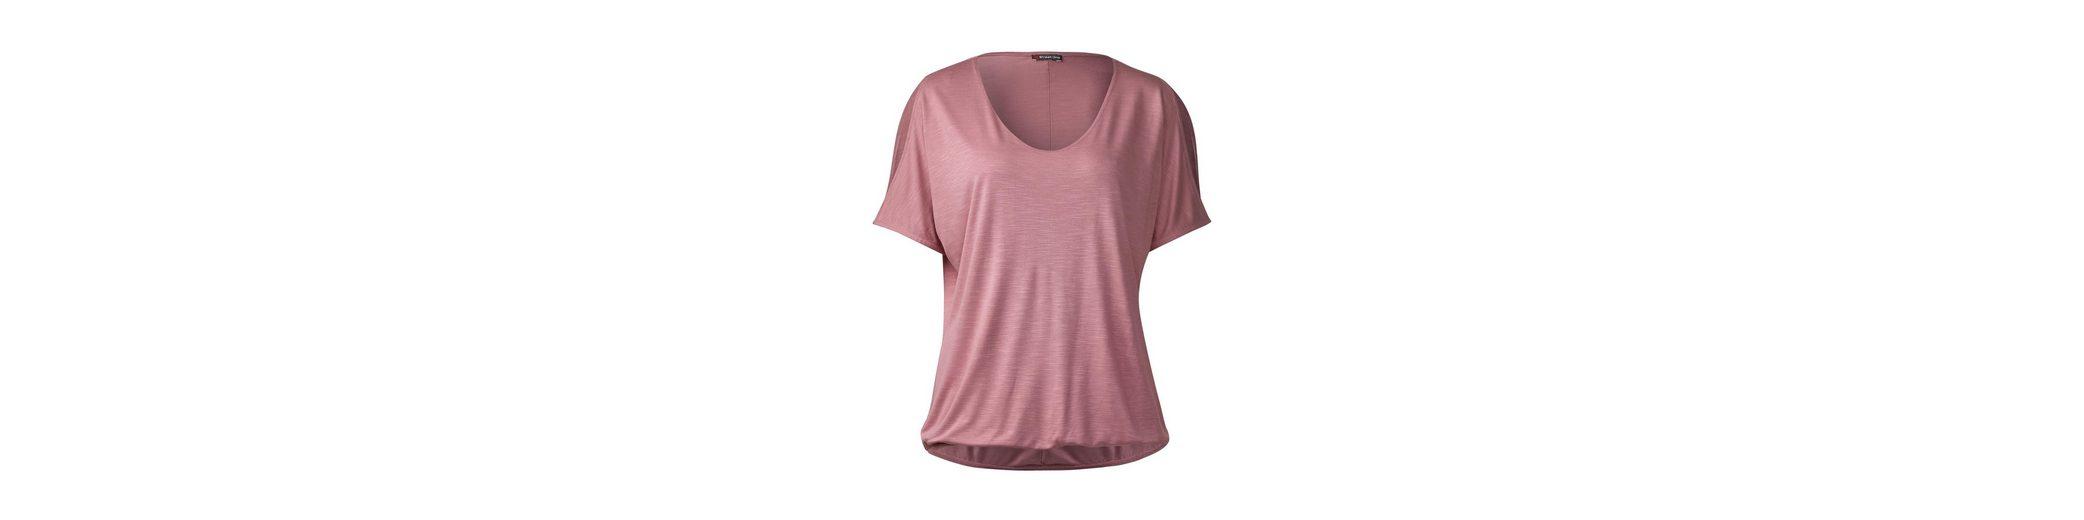 Bilder Zum Verkauf Street One V-Shirt mit Armschlitz Naja Spielraum Fälschung YRwXb226T